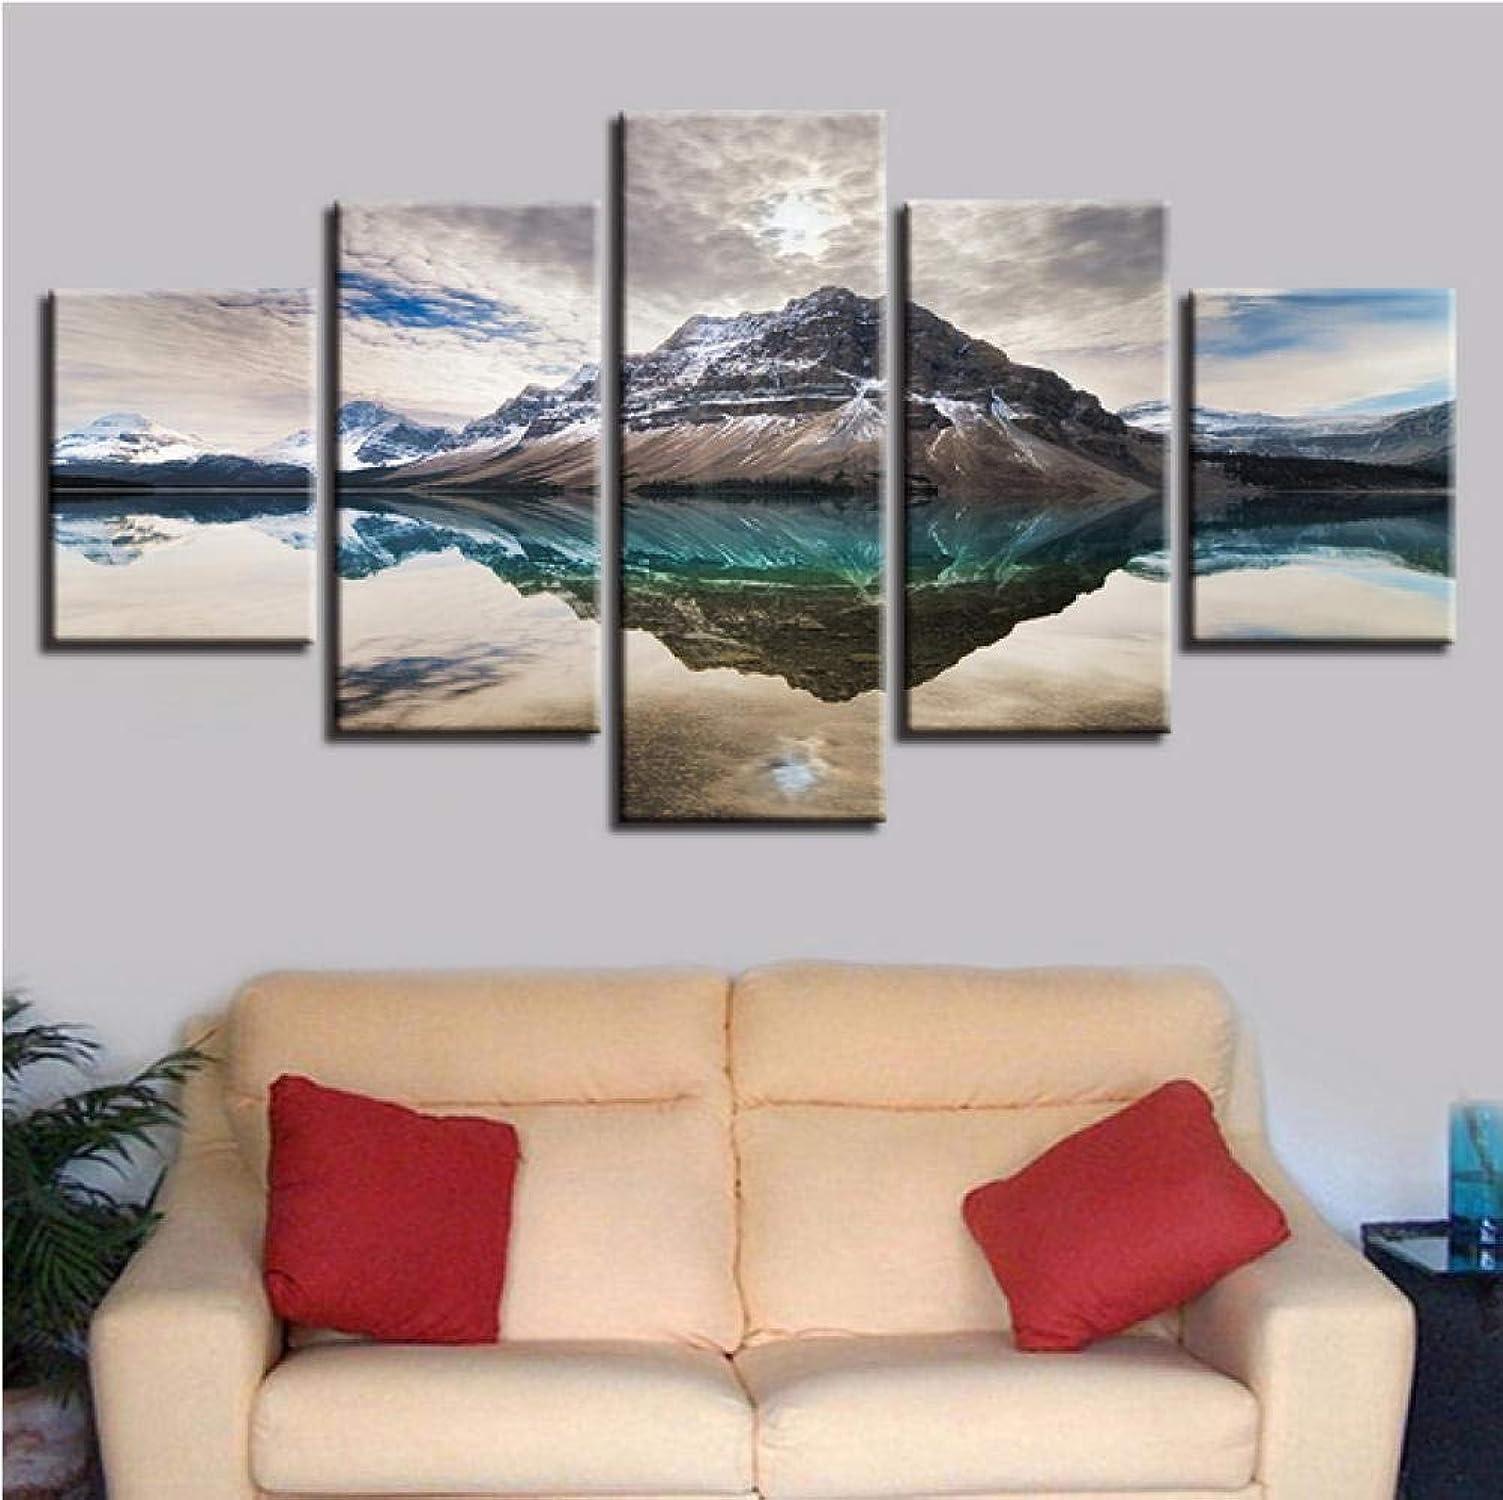 Tengya Impresiones De Carteles De Arte 5 Piezas Mountain Lake HD Fotos Pinturas De Paisajes Naturales-Marco